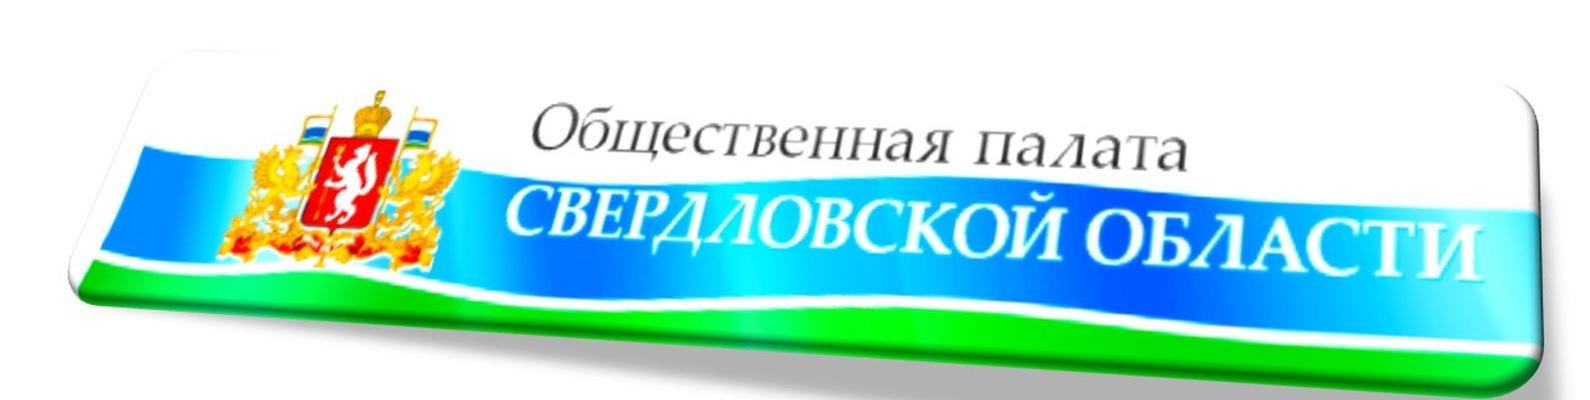 В Свердловской области предложили ввести охранные ордера